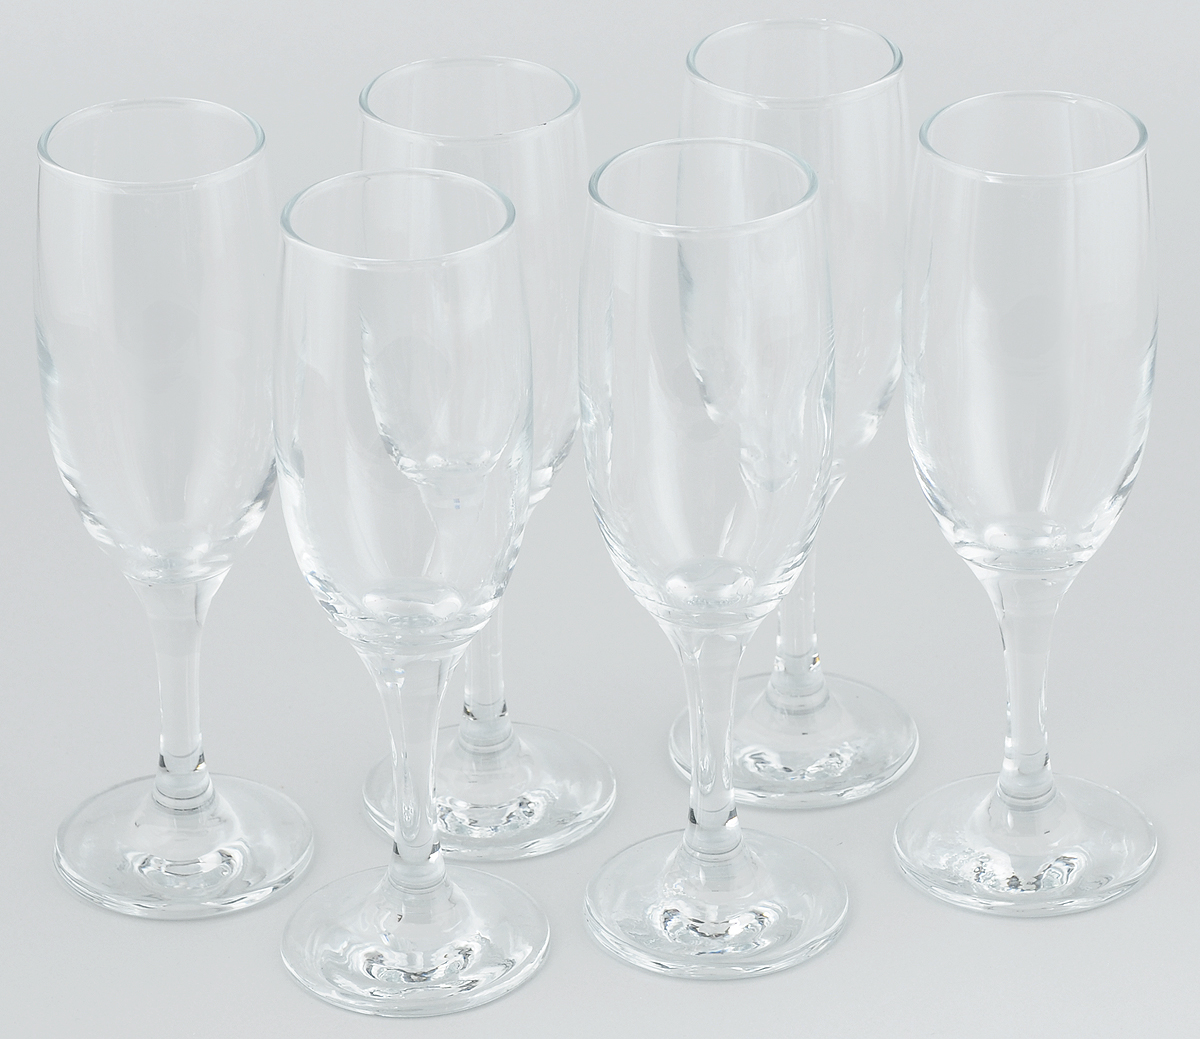 Набор фужеров для шампанского Pasabahce Bistro, 190 мл, 6 шт набор фужеров для шампанского pasabahce bistro 260 мл 6 шт